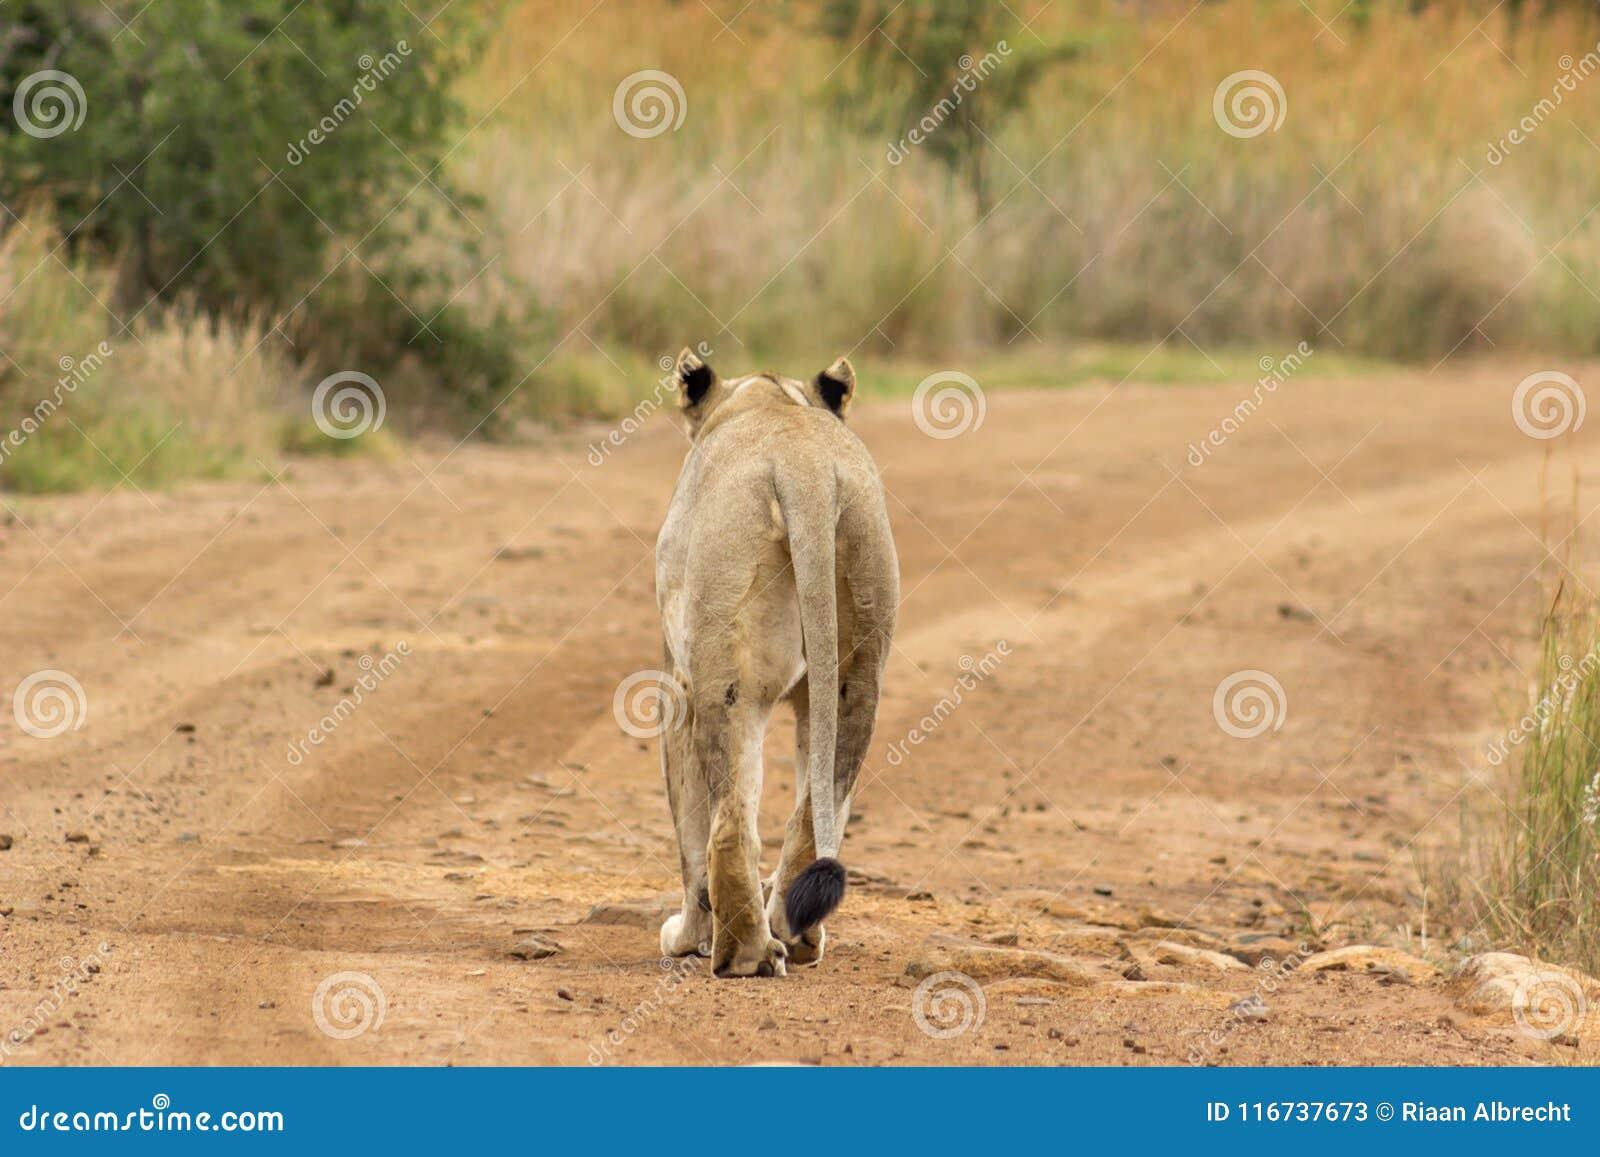 Львица идя на грязную улицу